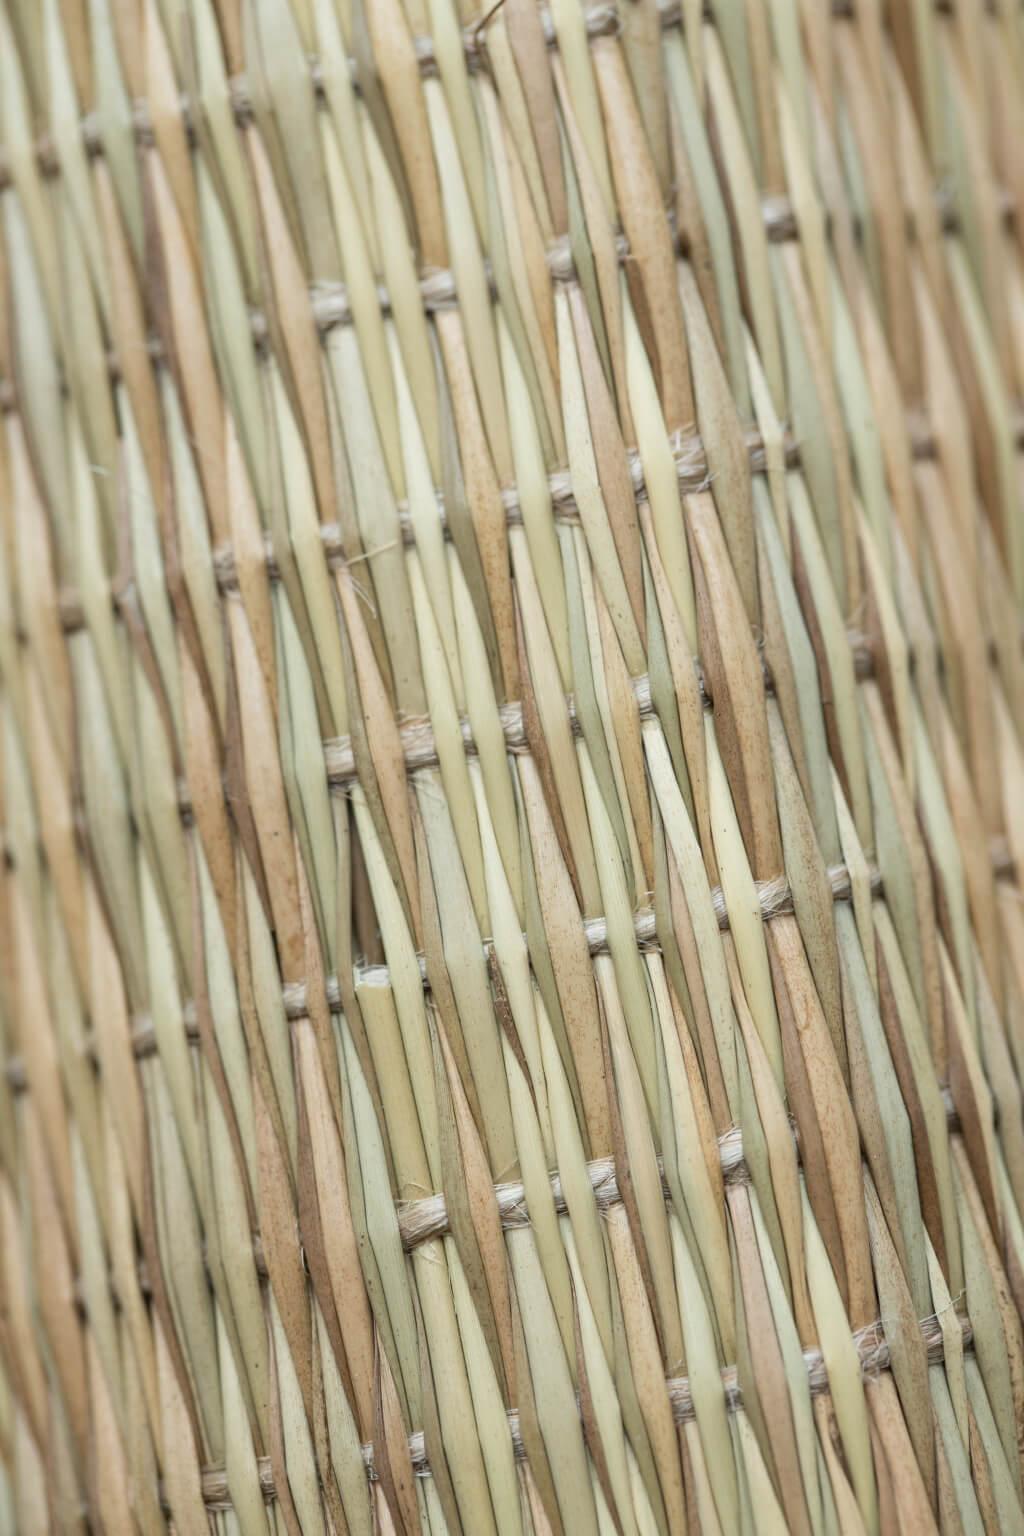 新工鹹水草在用料、編織上與傳統有別。選料上,用上淡水草代替,色澤帶青,手 感相對軟滑,但編織上相對欠細緻,每條水草色澤、粗幼有別。